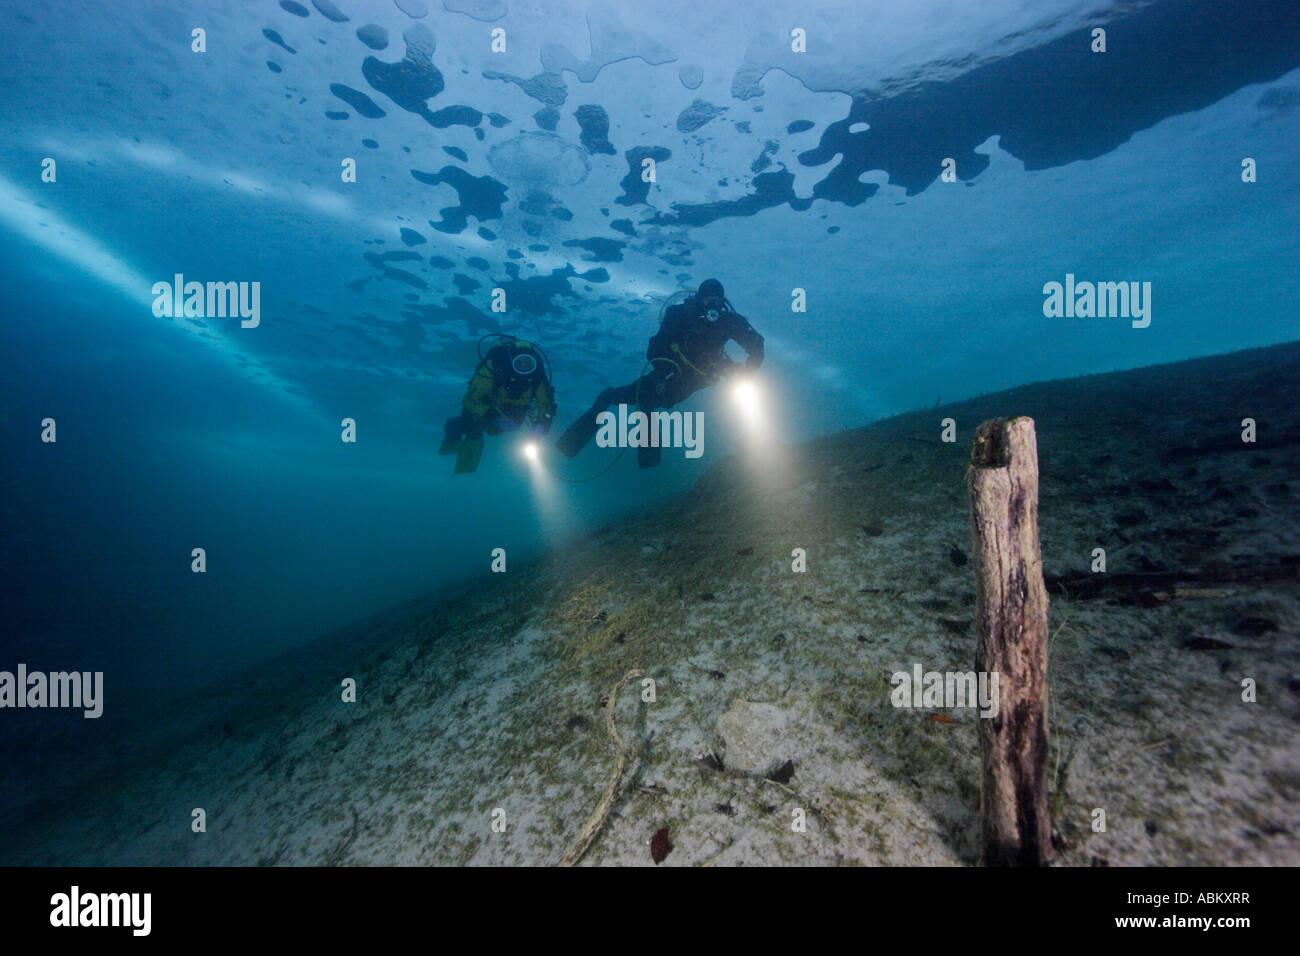 2 Plongée sous marine dans un lac gelé Photo Stock